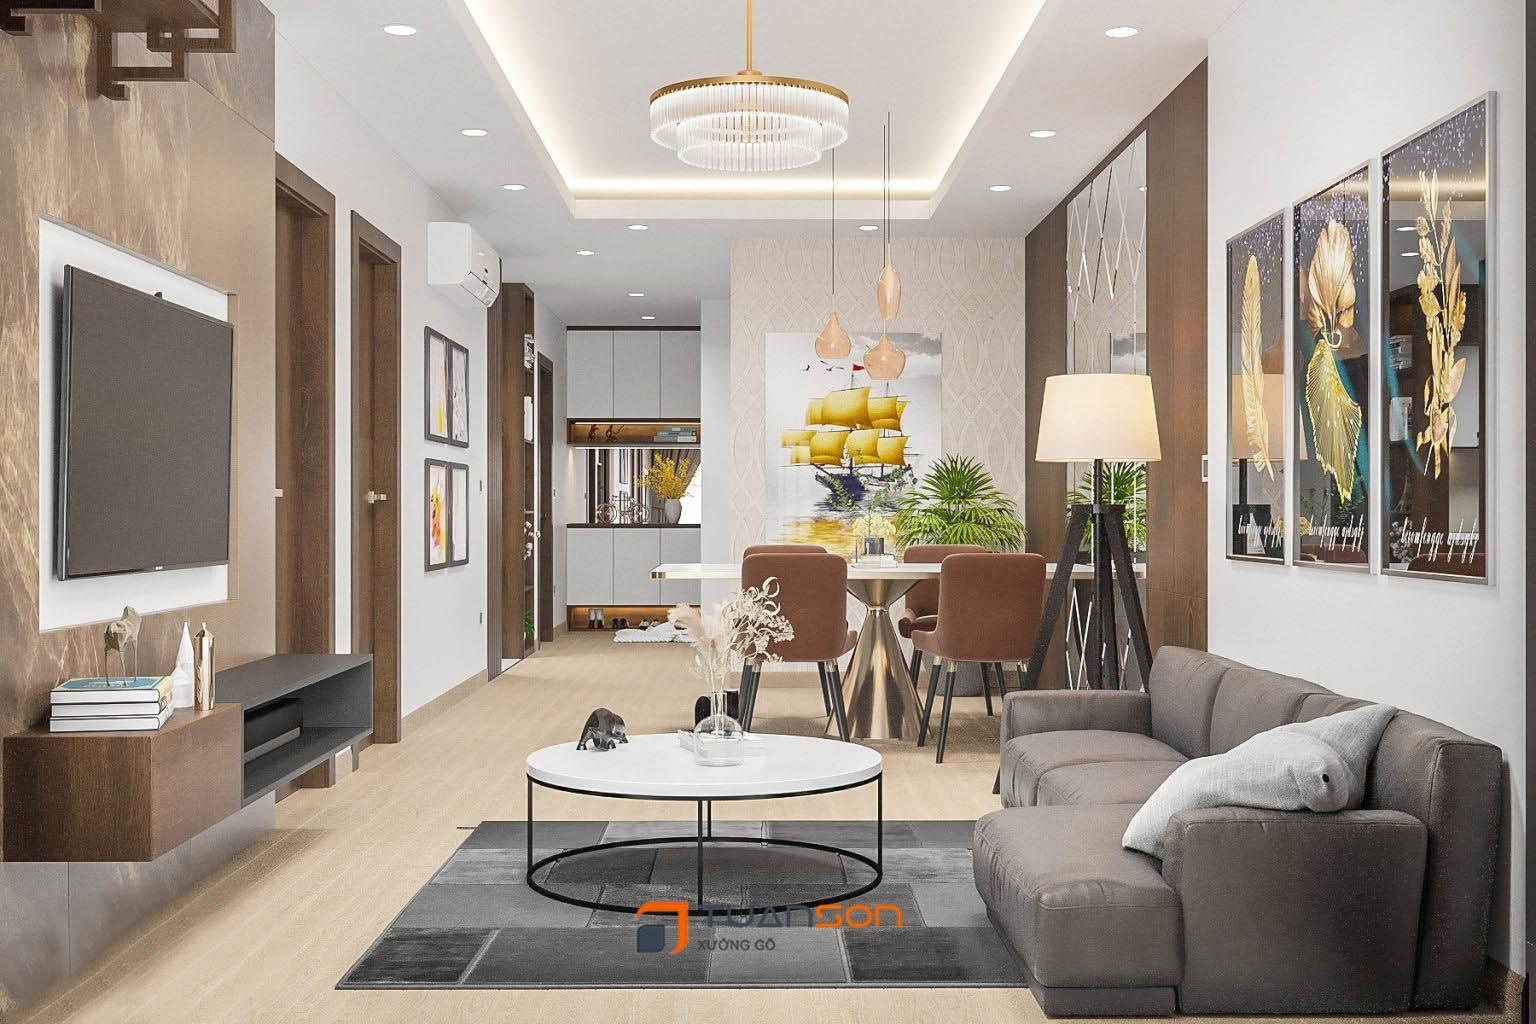 Thiết kế nội thất căn 3 phòng ngủ (77m2) IEC Thanh Trì